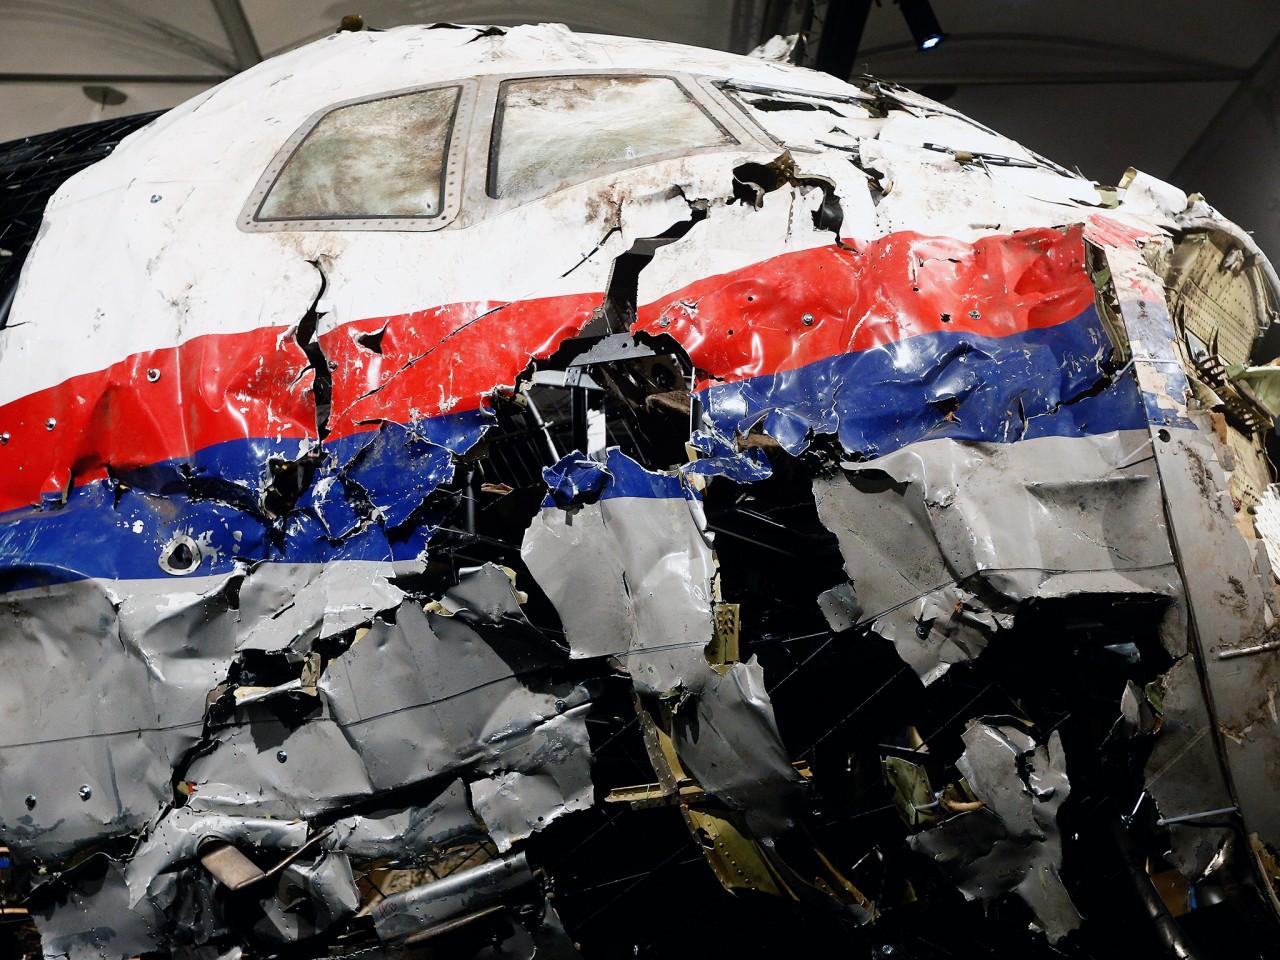 Правда о сбитом Боинге МН-17 уничтожит Обаму. Теперь ход за Трампом